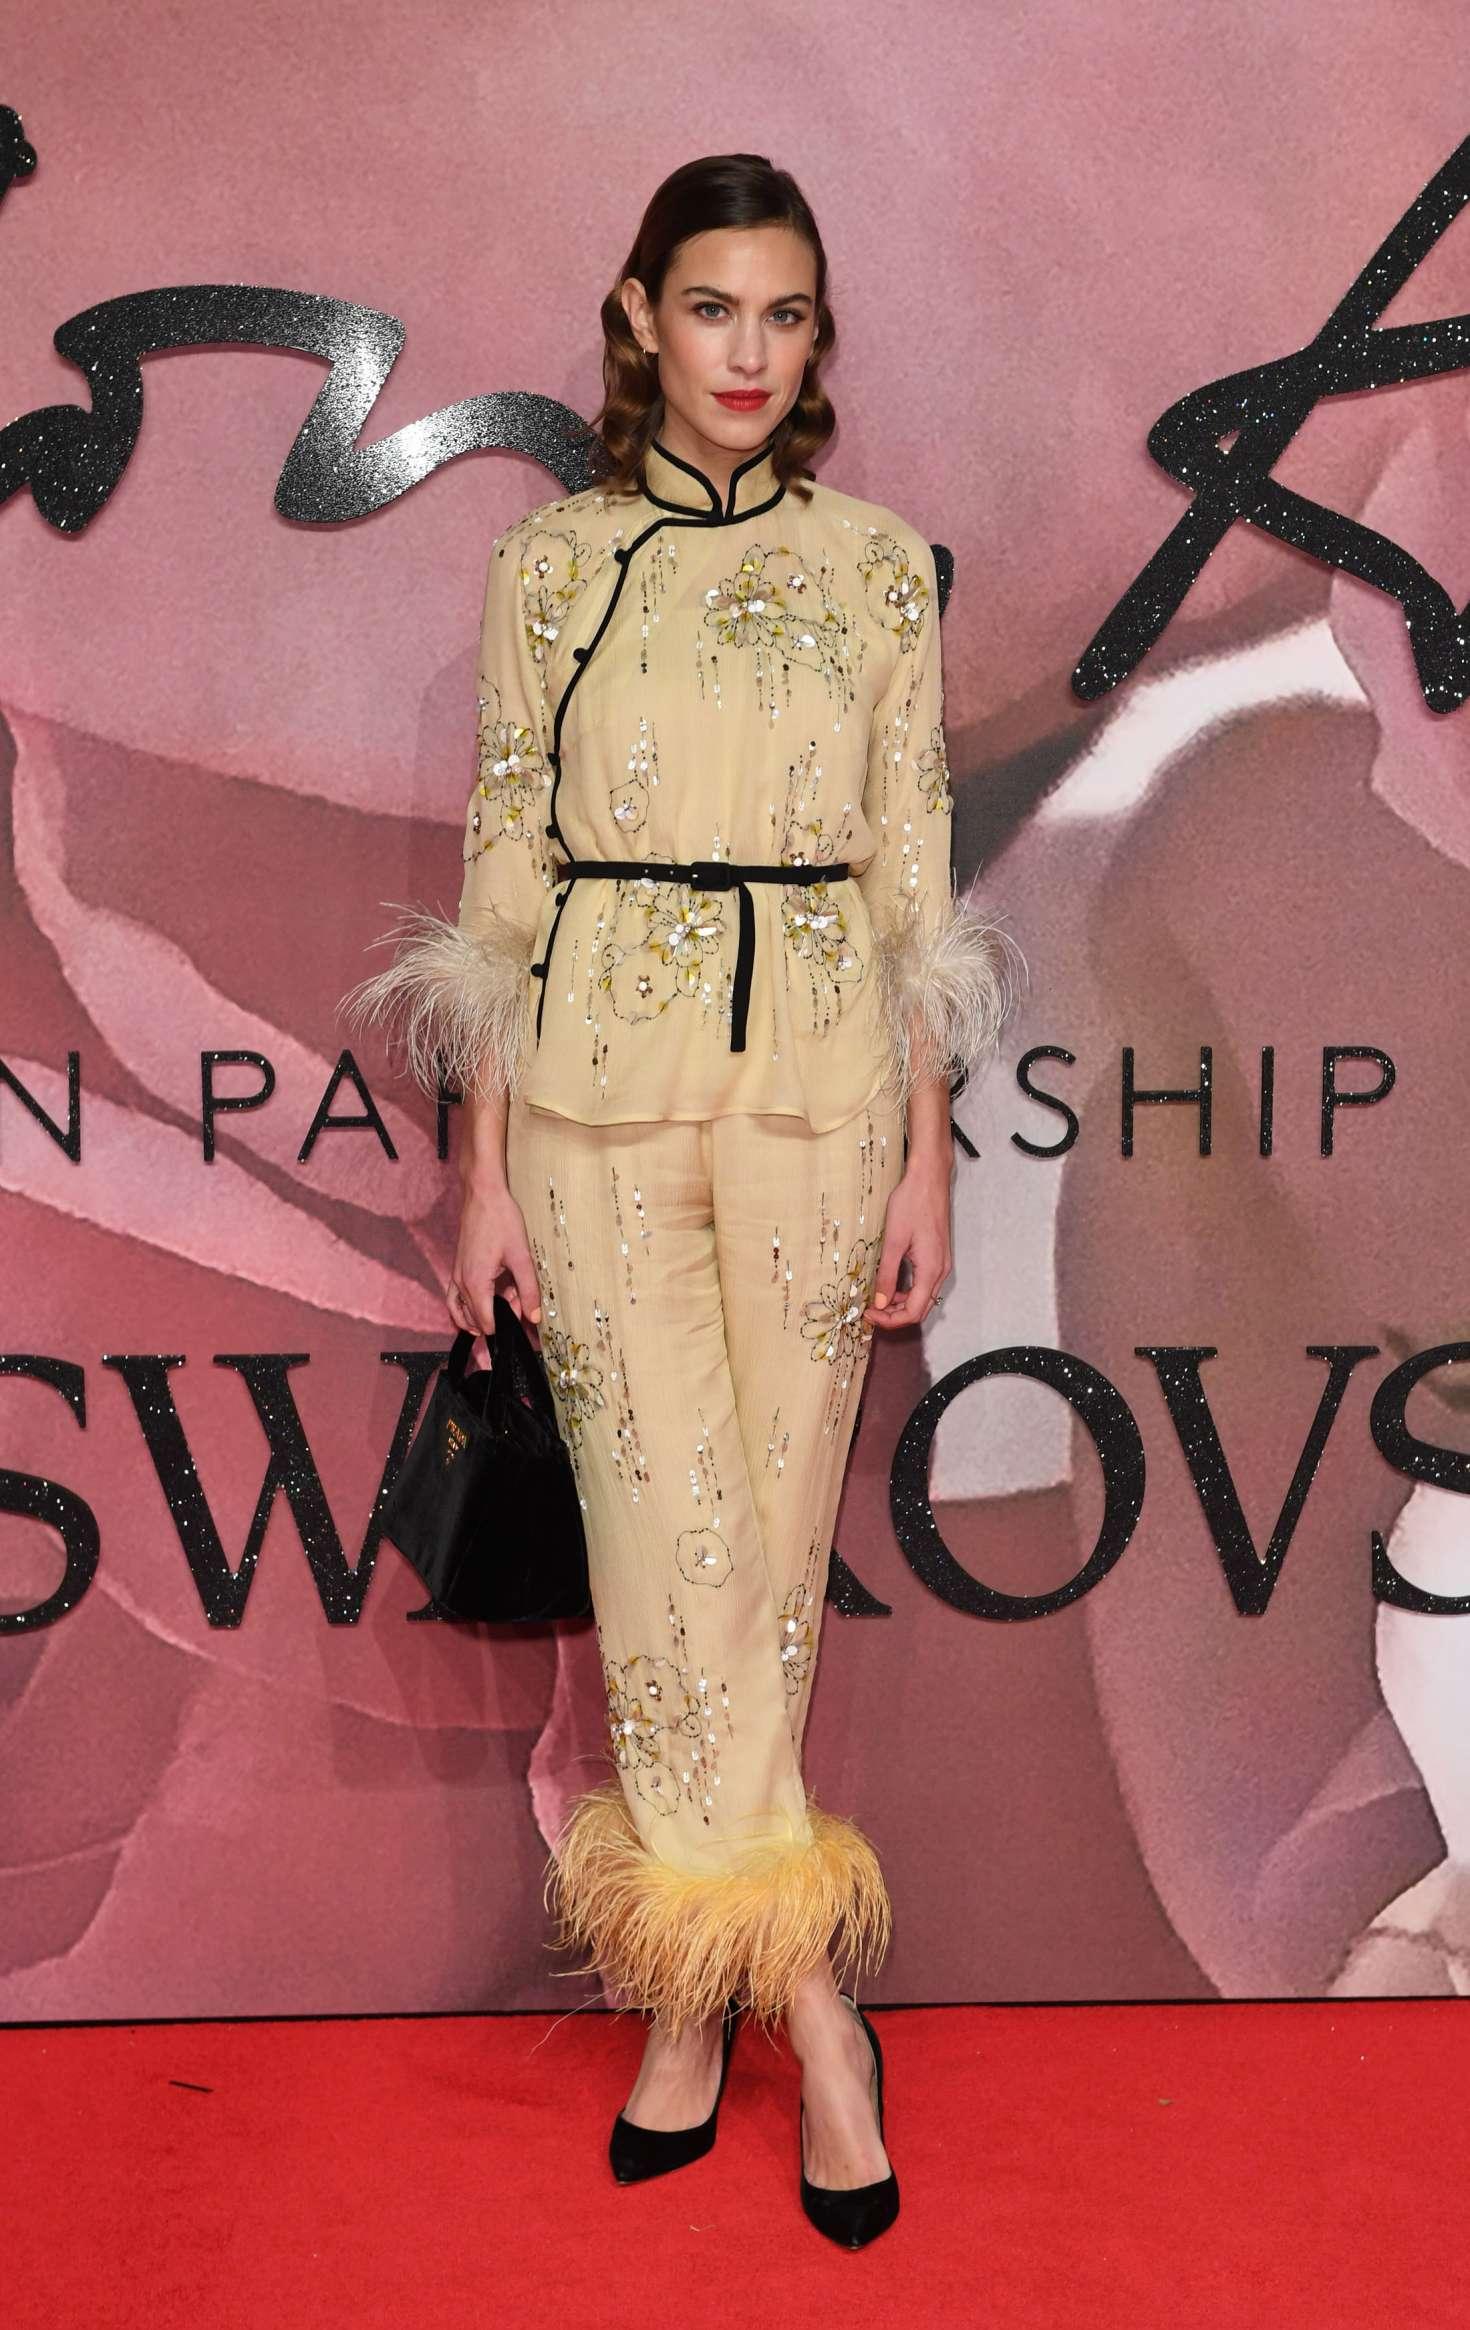 Lady Gaga vamps it up at Fashion Awards - Capital 60